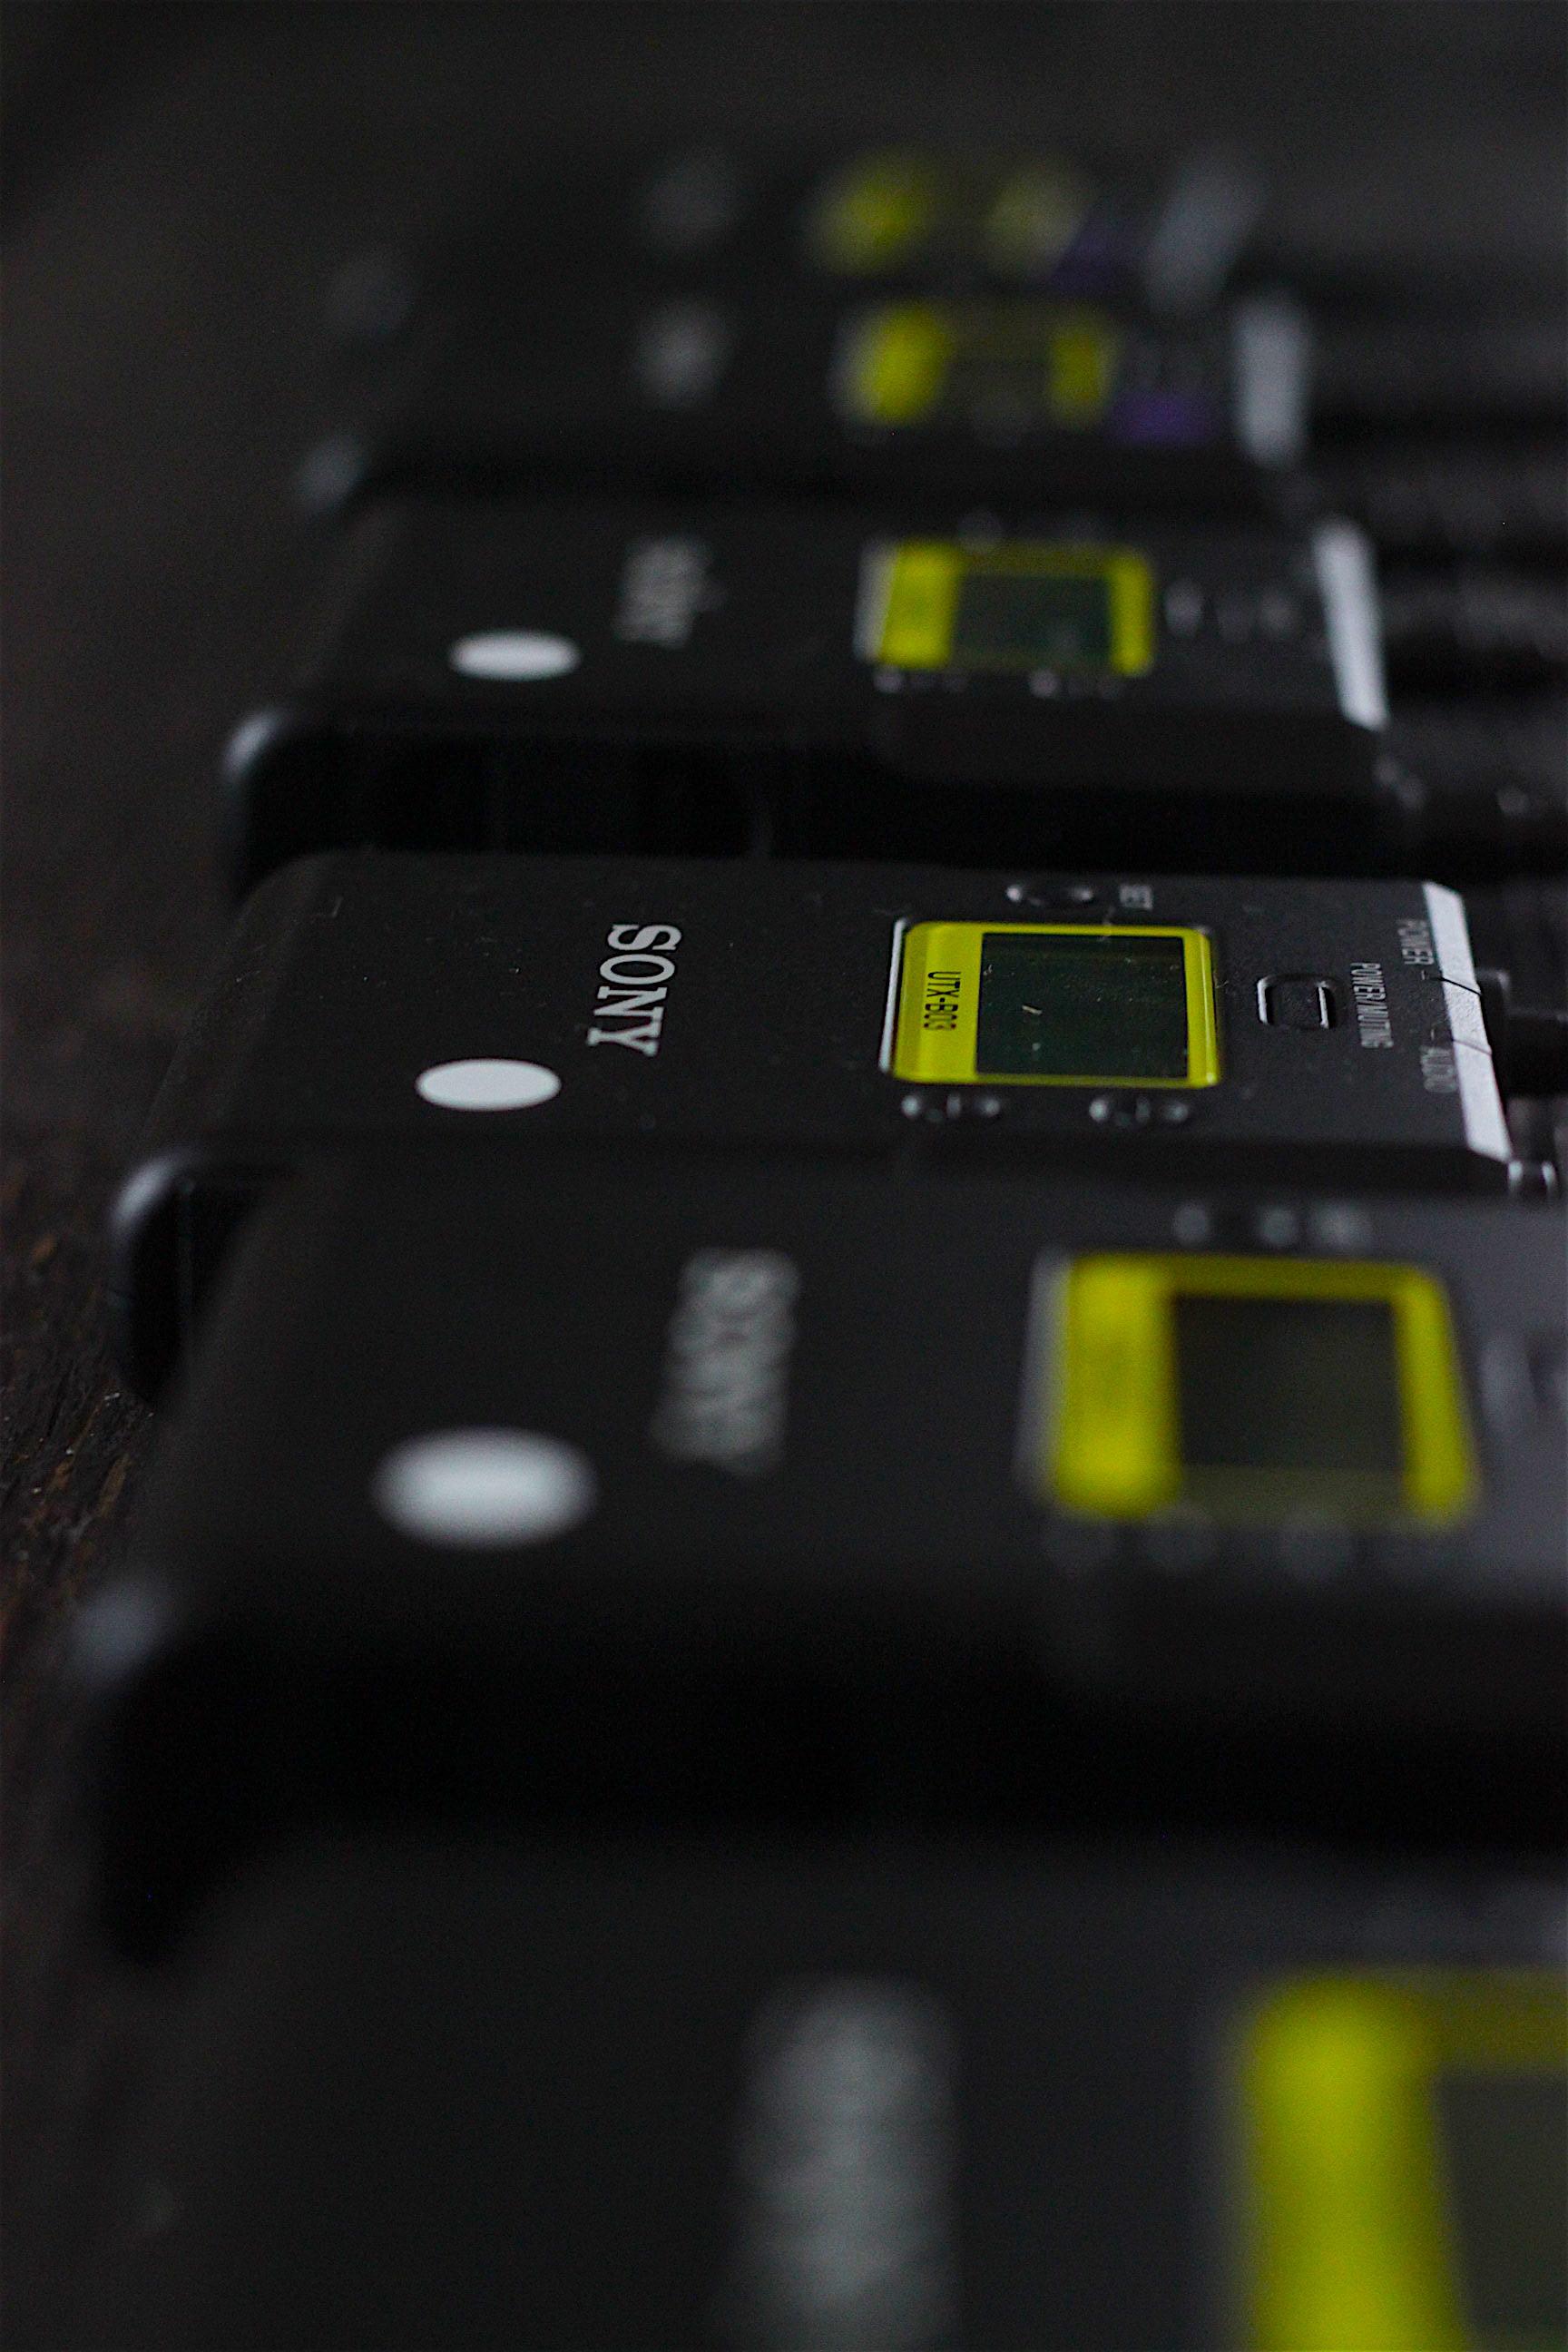 Sony UWP-D11 x3